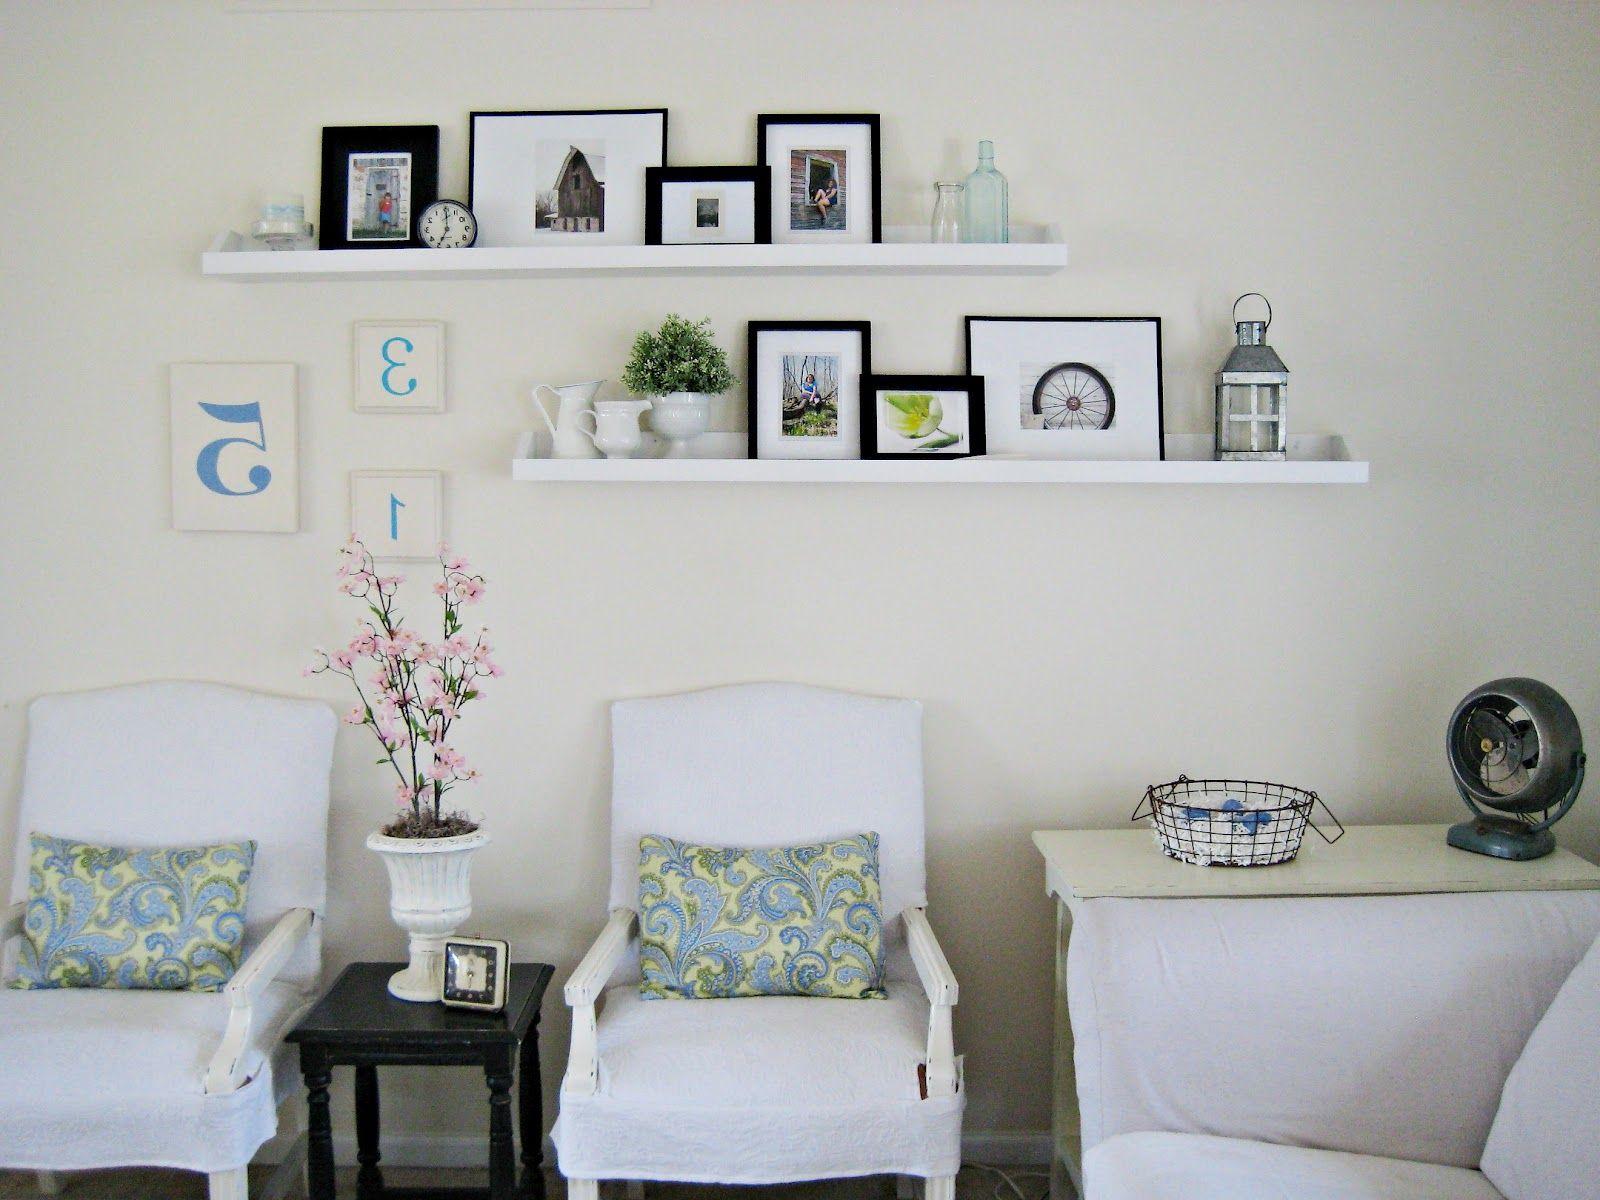 aranjament de rame foto pentru decorarea livingului